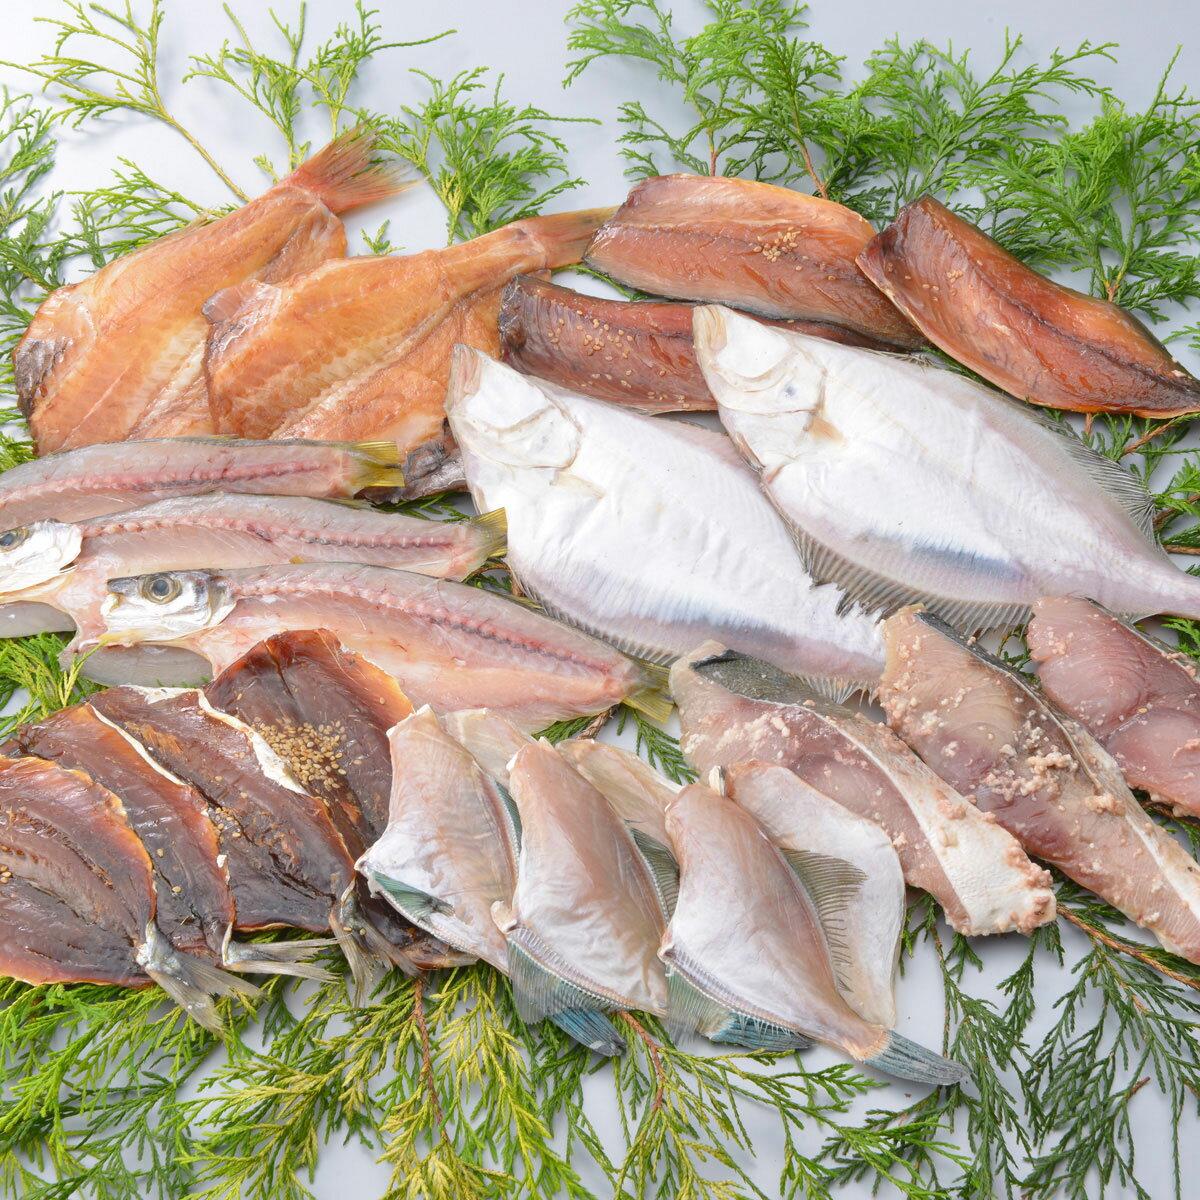 【ふるさと納税】能登の朝どれ「いきいき七尾魚」干物セット 魚 鮮魚 詰め合わせ 贈答 ギフト